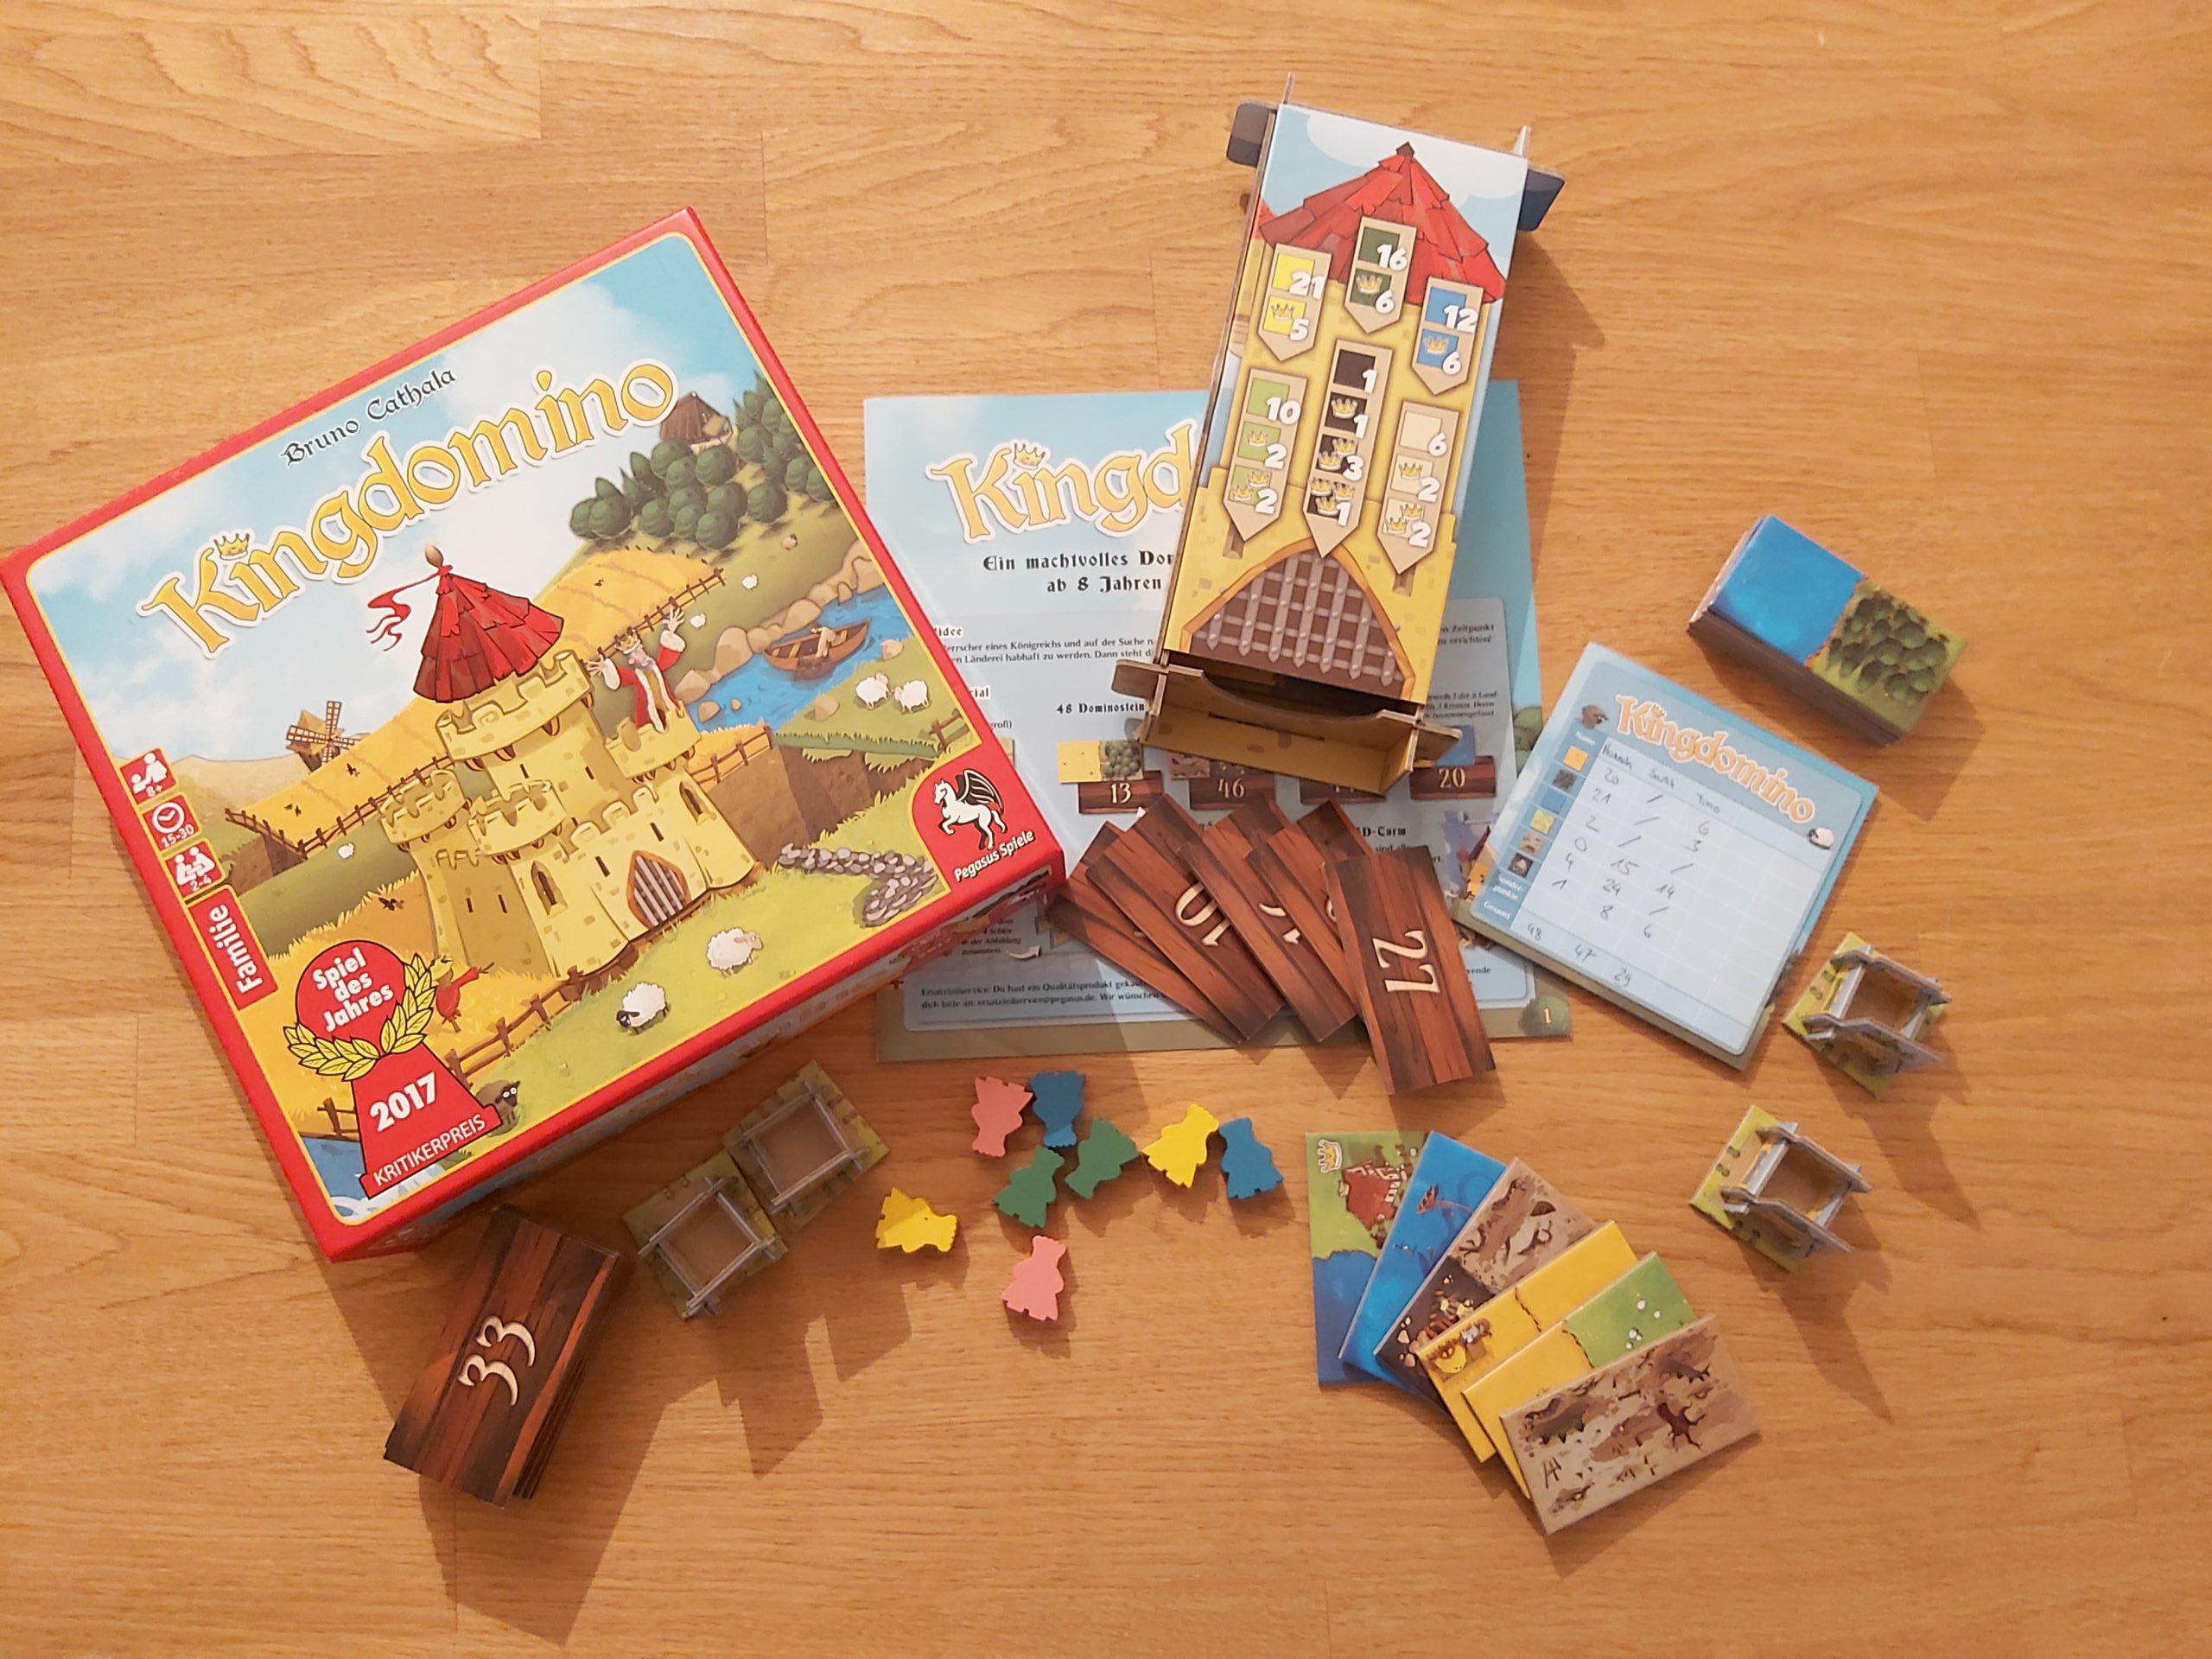 Zu sehen ist das Spiel Kingdomino mit dem gesamten Spielmaterial.